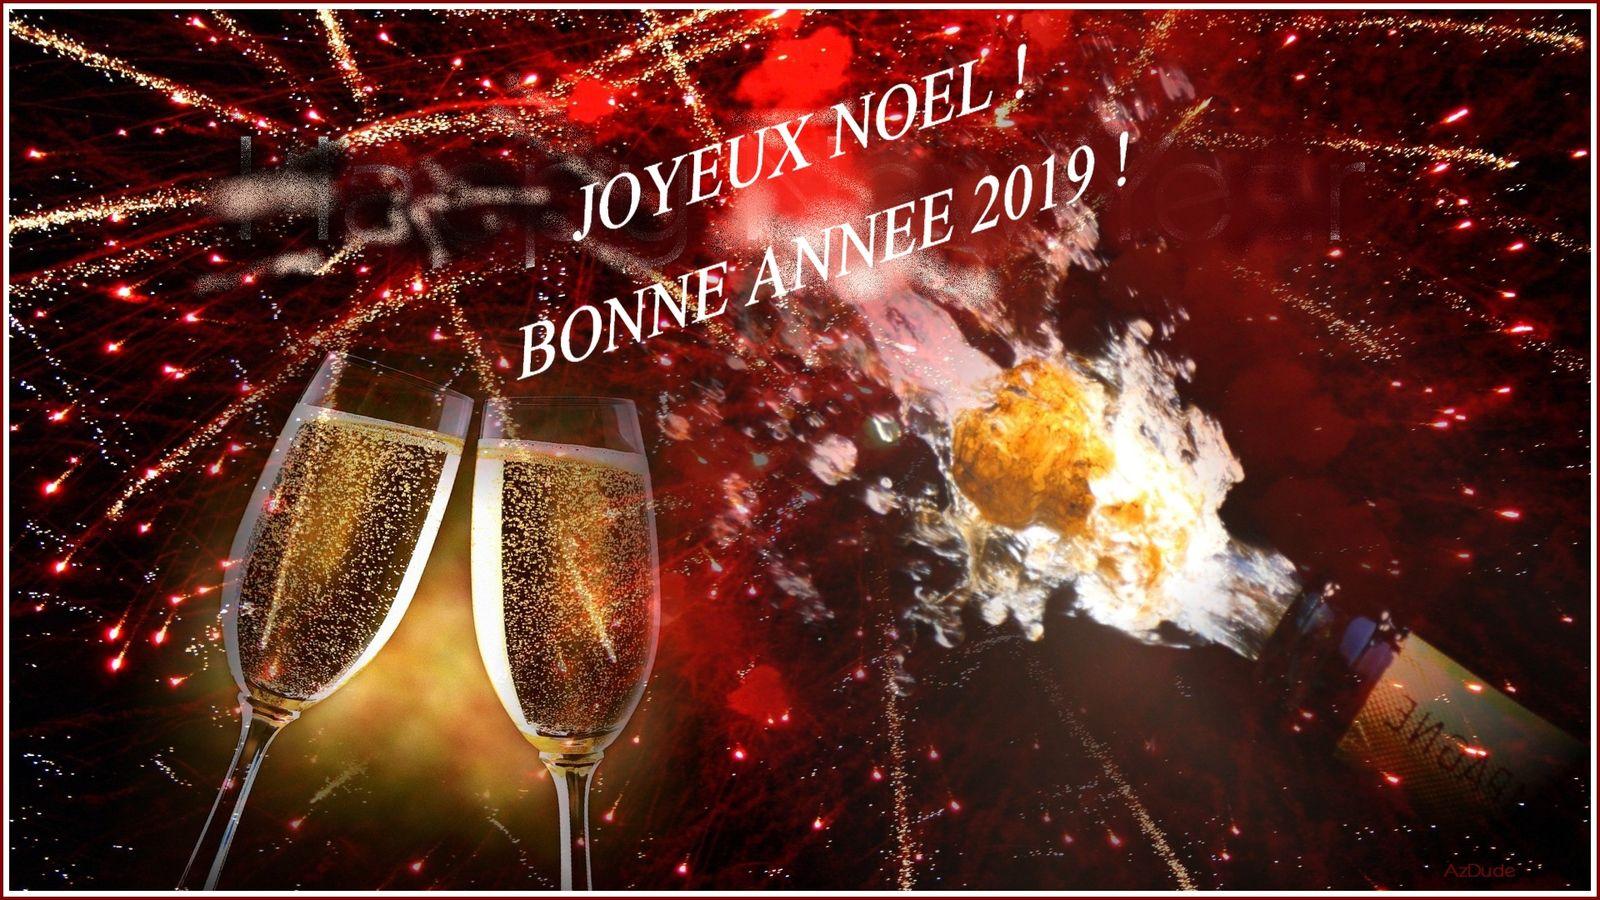 315- C'est la fin de l'année 2018, Bonnes fêtes de Noël et Saint-Sylvestre, Meilleurs voeux à Tous pour 2019